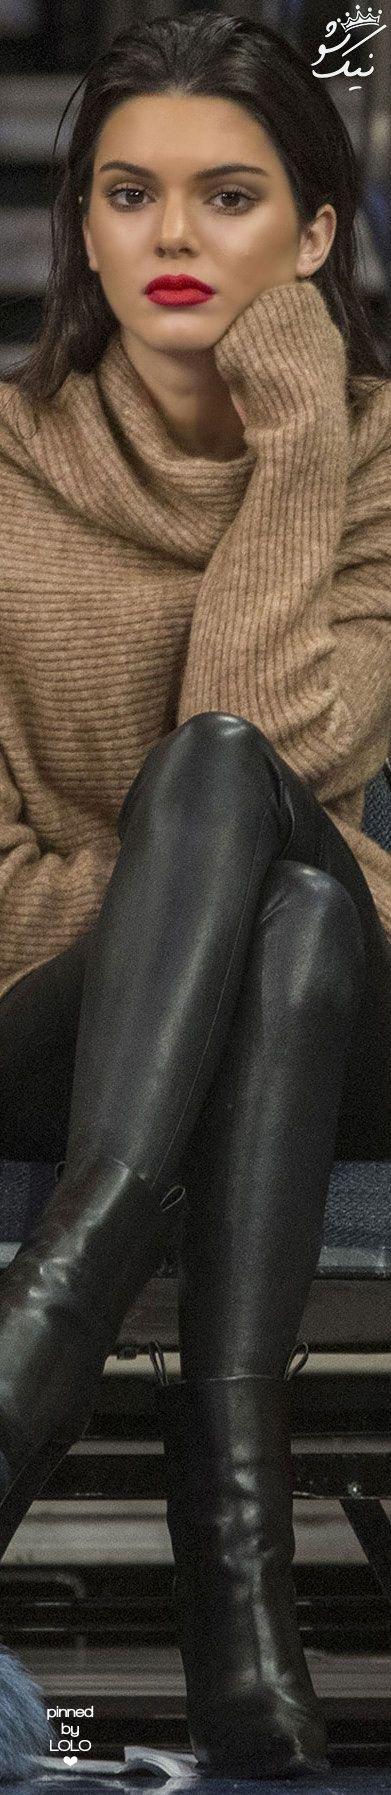 عکس های خفن کندال جنر مدل پرآوازه و زیبای آمریکایی